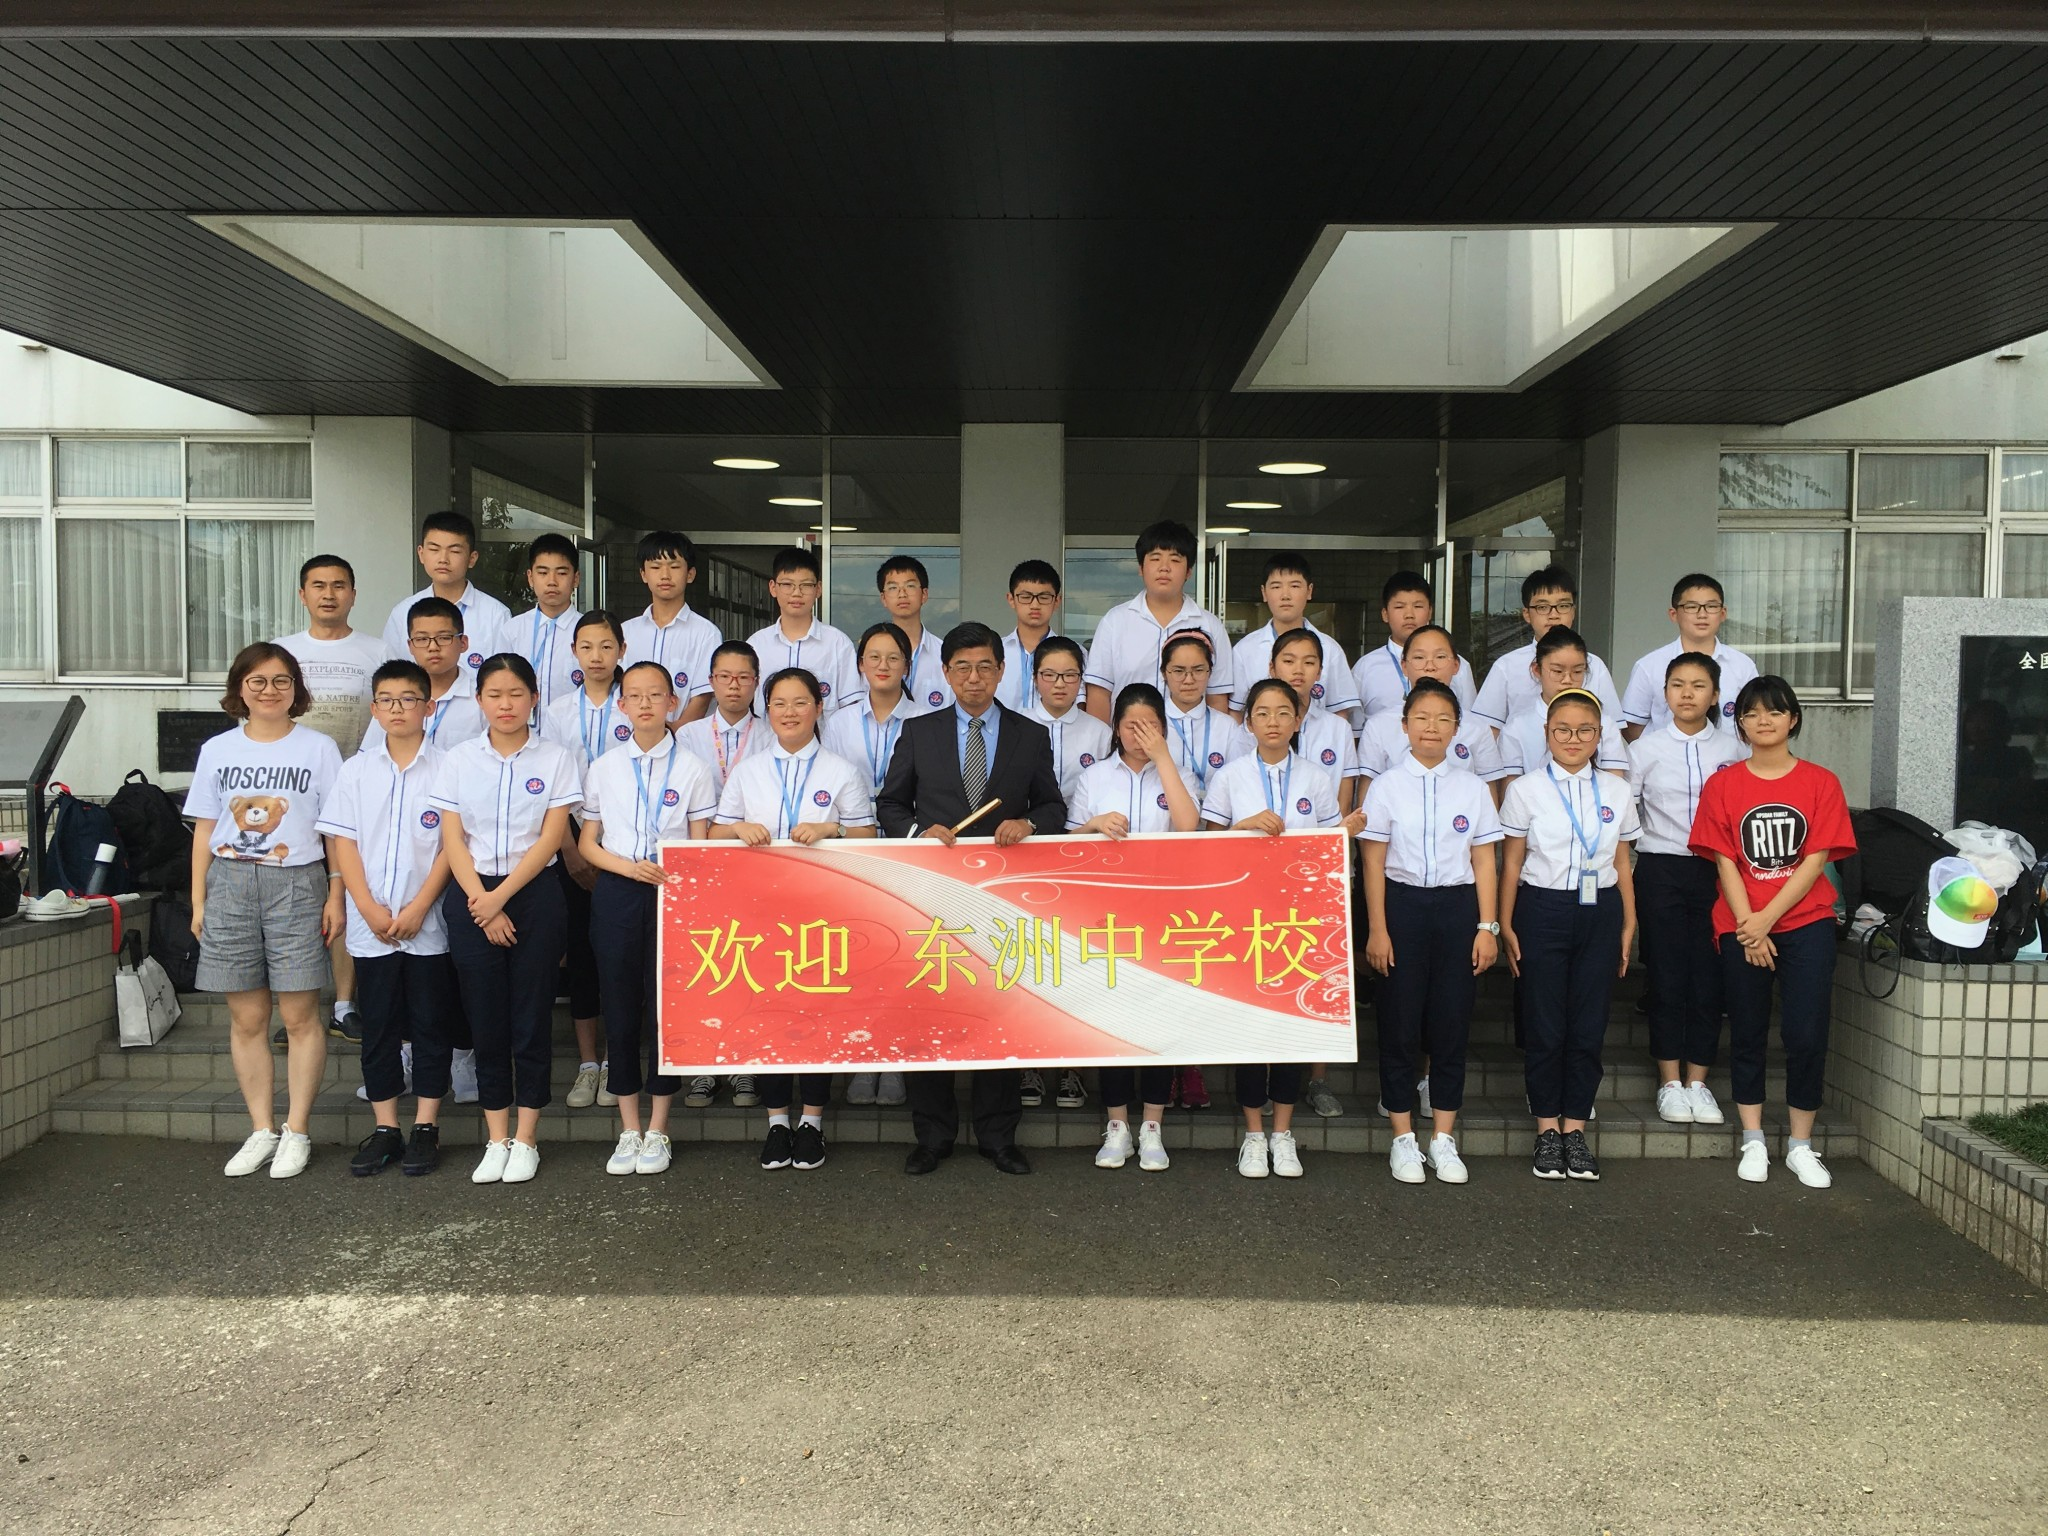 你好!中国江蘇省東洲中学校の中学生が来校!